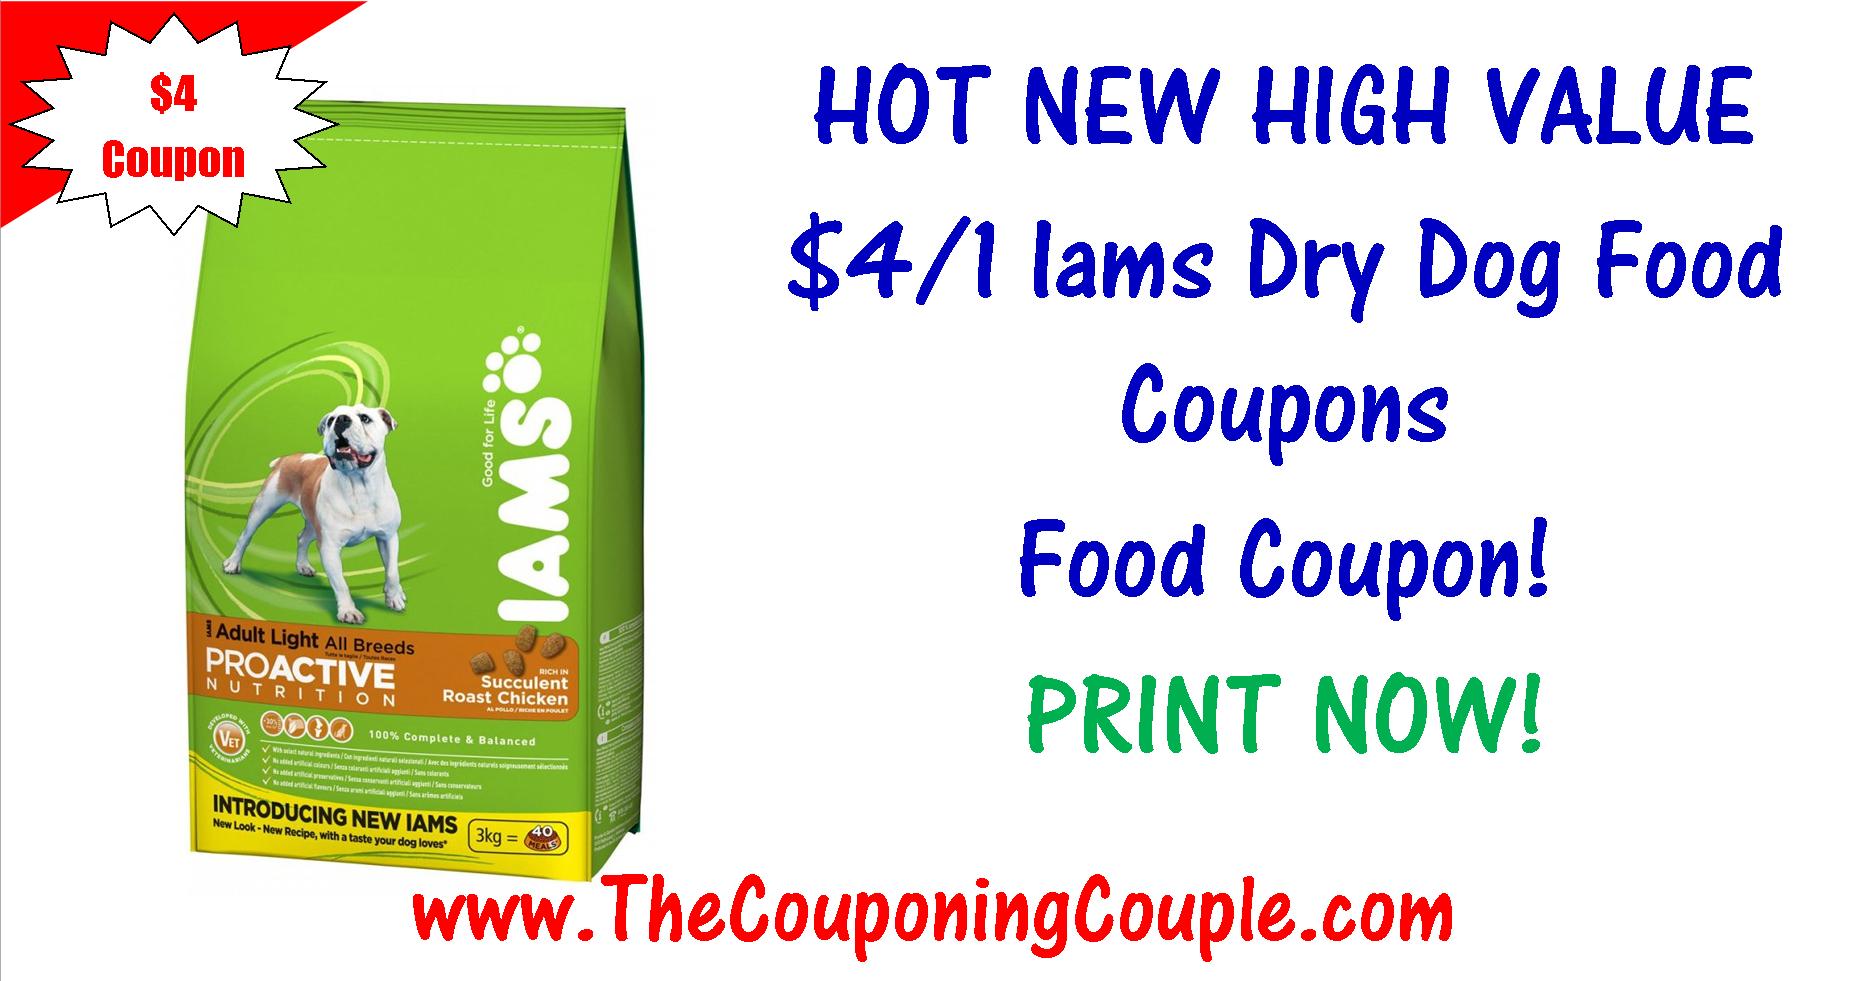 Huge Reset Iams Dry Dog Food Coupon ~ $4/1 Print Now! - Free Printable Scoop Away Coupons